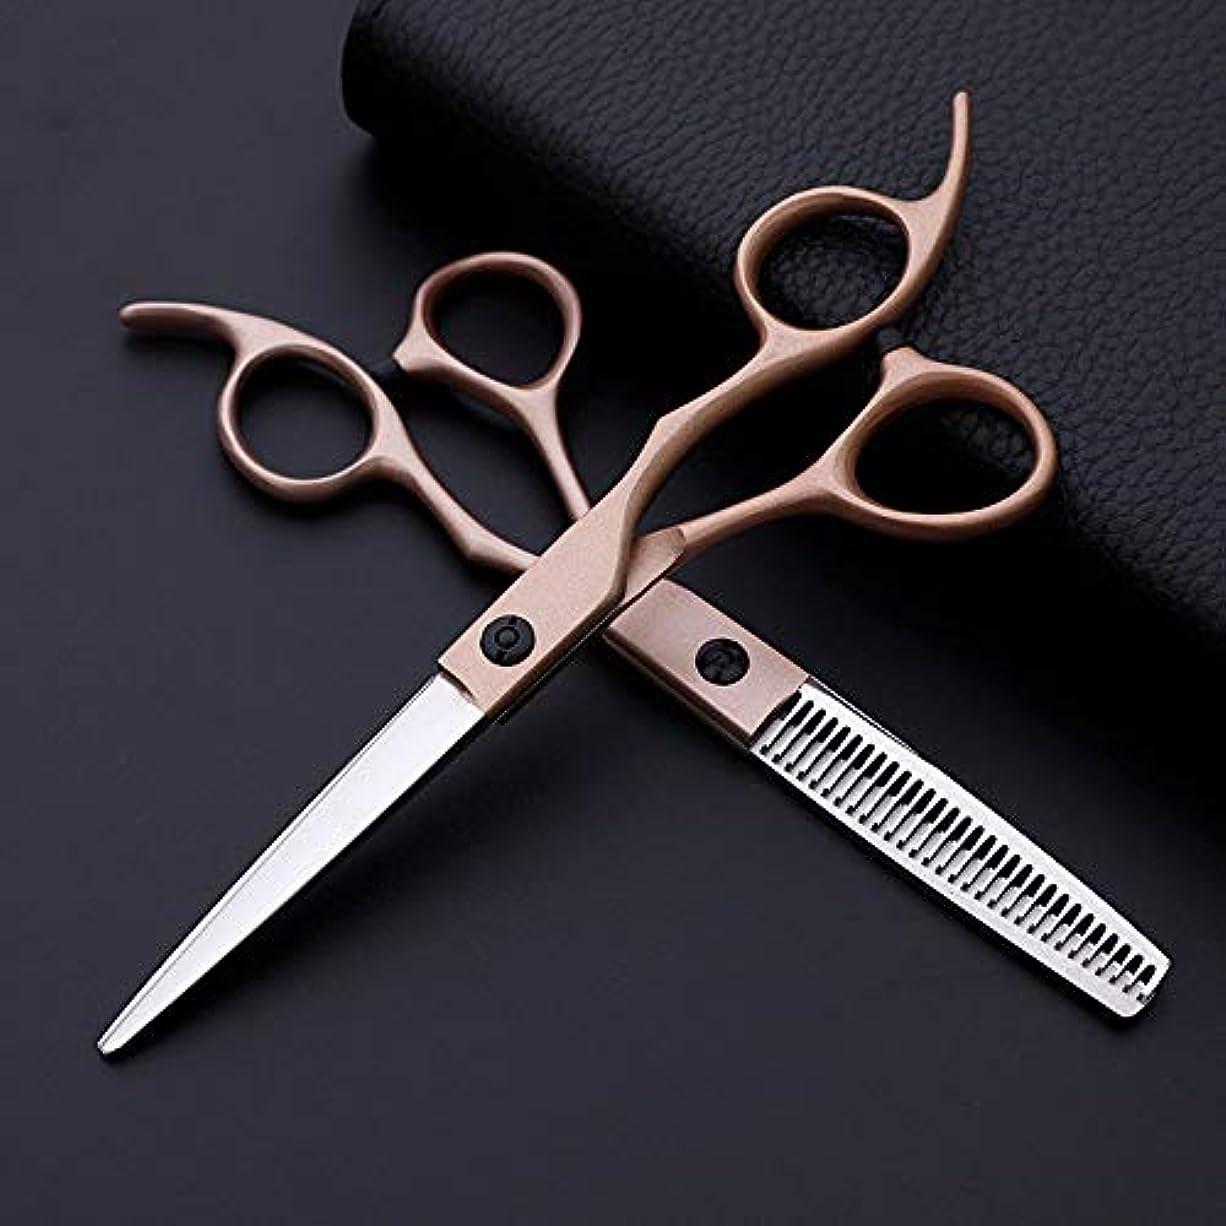 共同選択マントル先生6インチプロフェッショナル理髪セット、クラシック斜めハンドルローズゴールドフラット+ハサミ モデリングツール (色 : Rose gold)